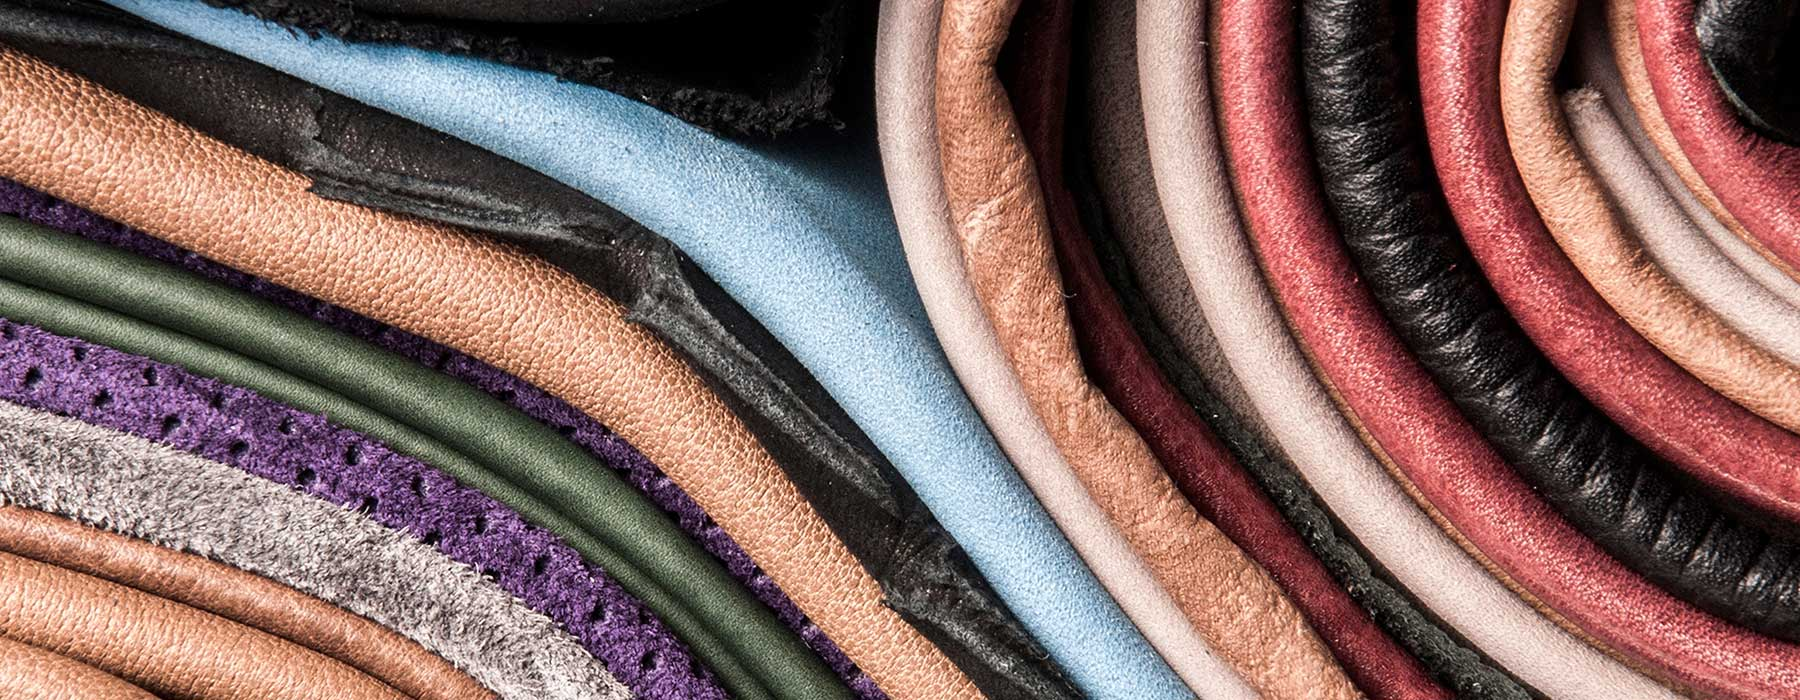 produttore-scarpe-pelli